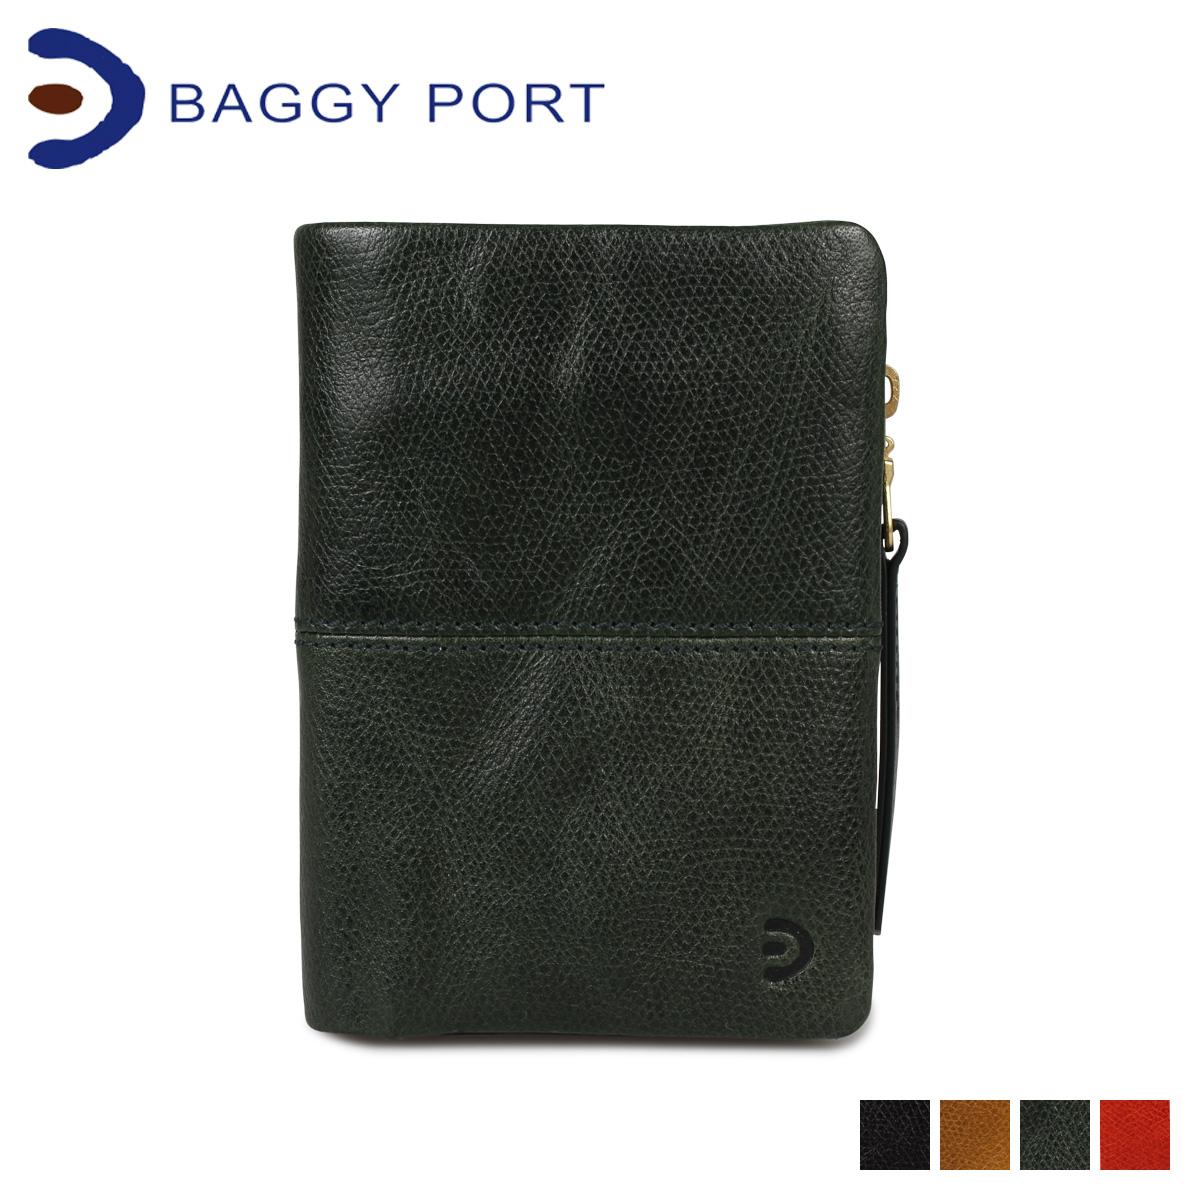 BAGGY PORT バギーポート 財布 二つ折り ブリタニア メンズ レディース L字ファスナー BRITANNIA WALLET ブラック キャメル グリーン オレンジ 黒 ZKM202